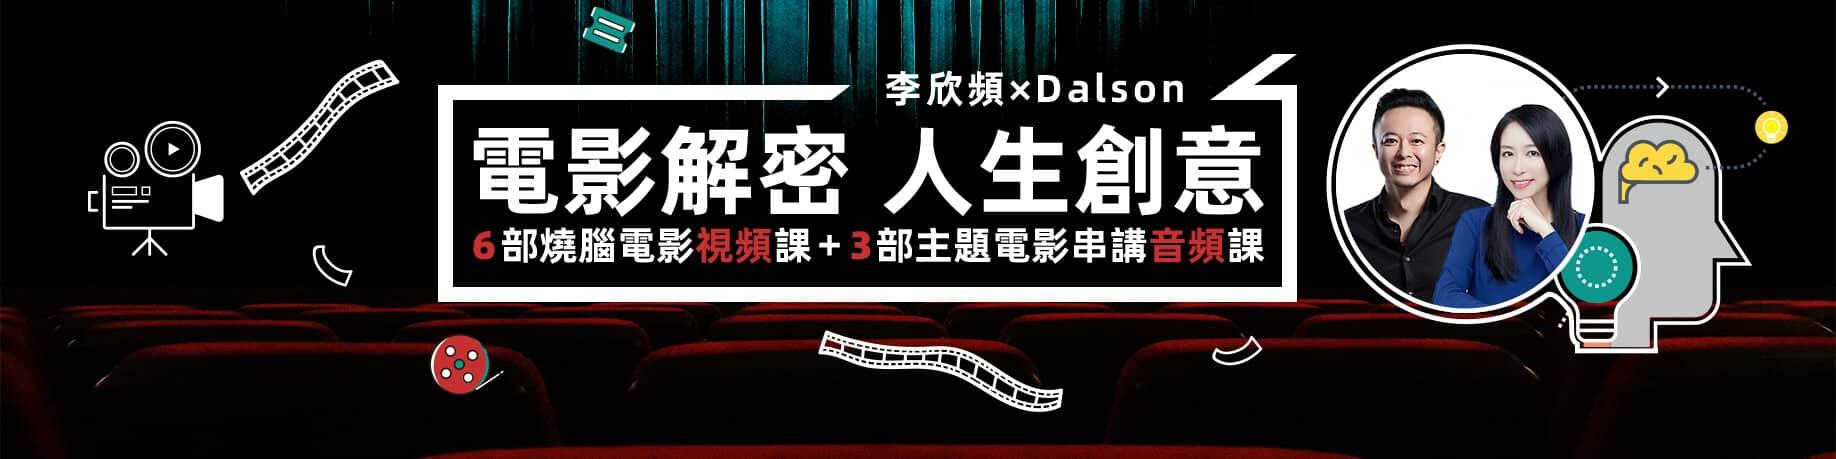 李欣頻×Dalson | 電影解密 人生創意 視頻課